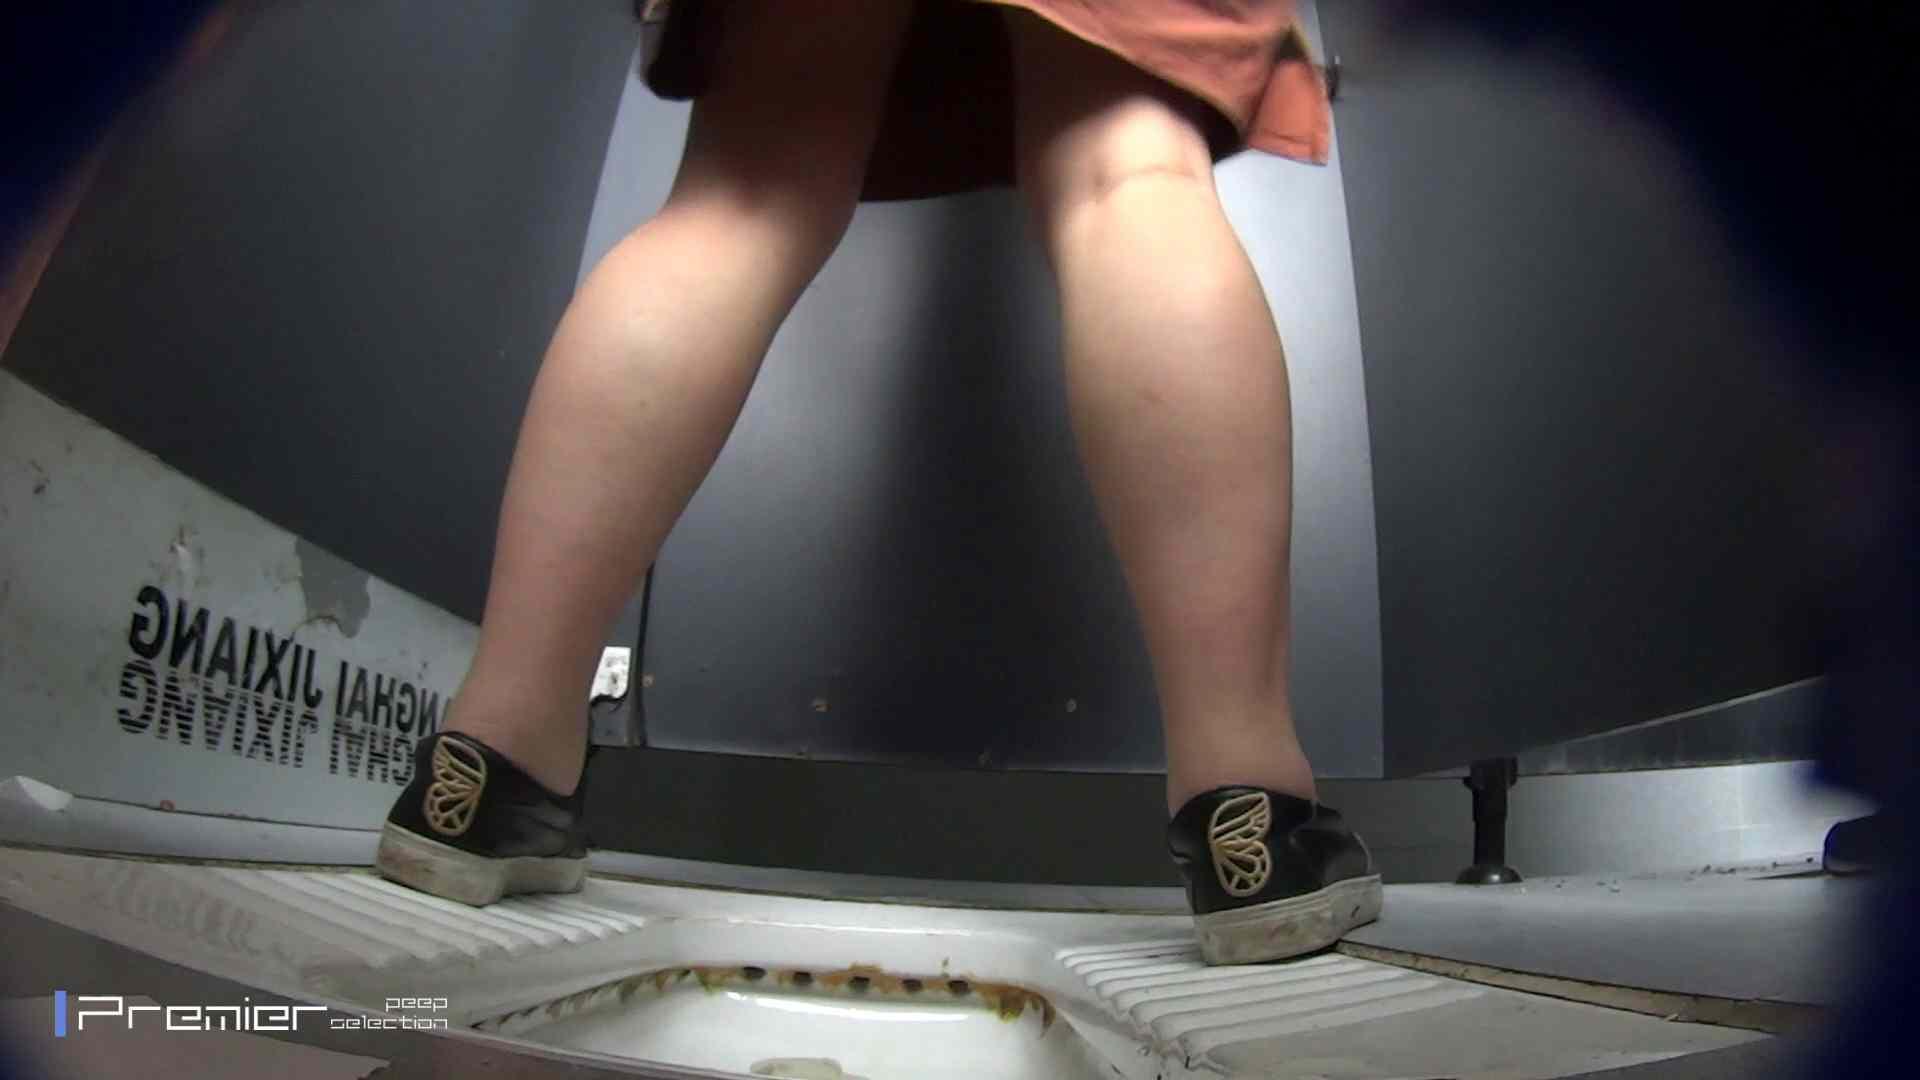 びゅーっと!オシッコ放出 大学休憩時間の洗面所事情47 洗面所  98Pix 22